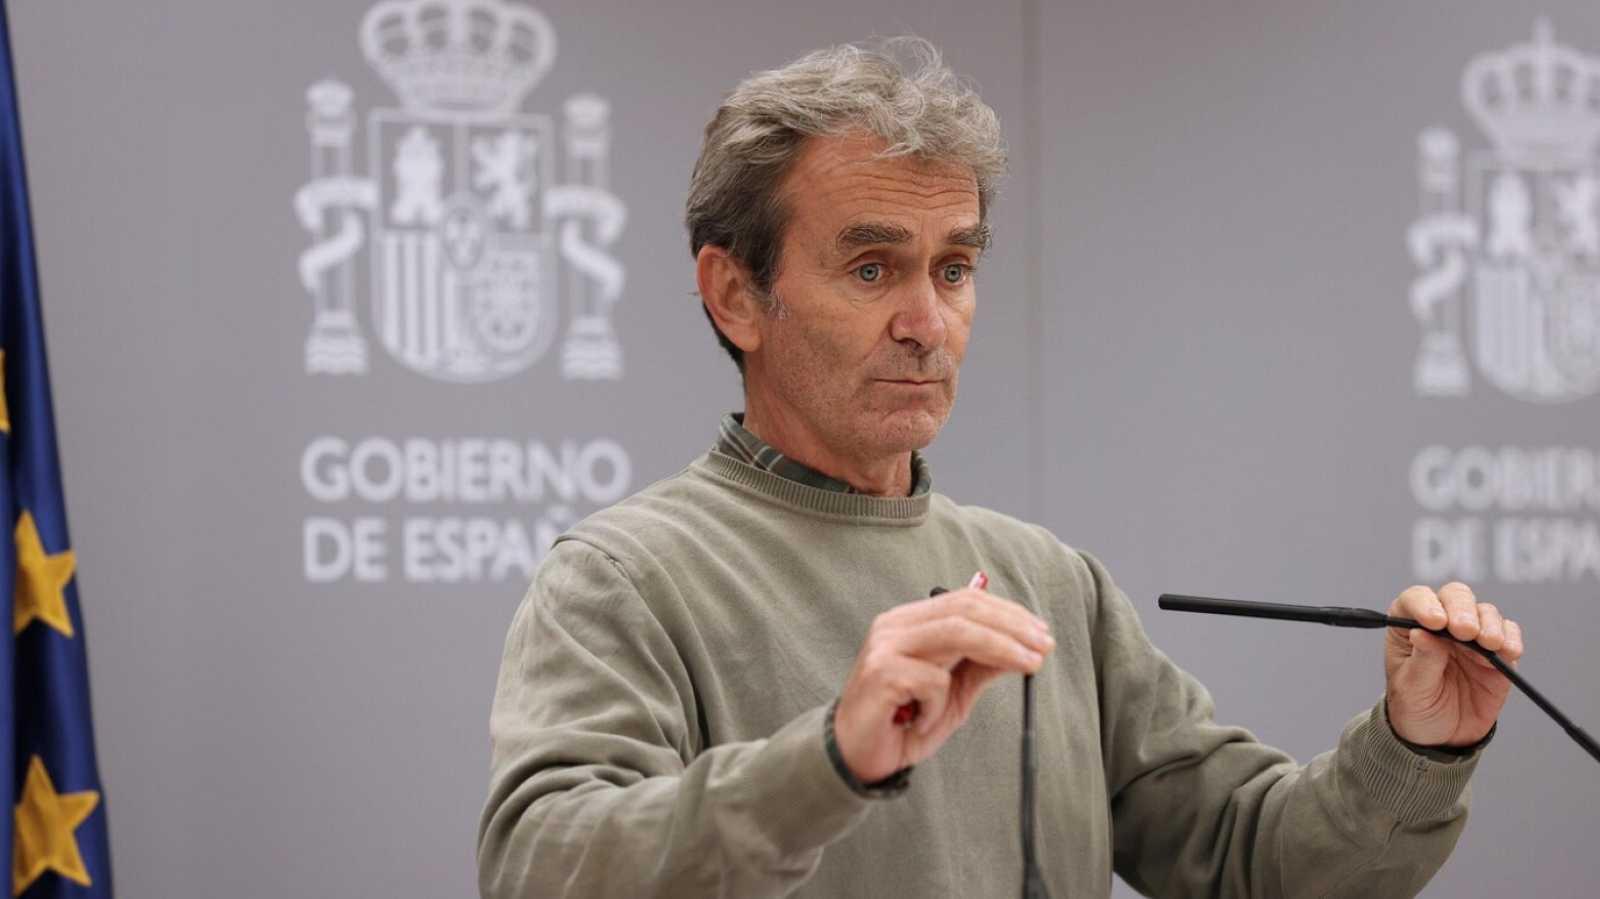 Especial informativo - Coronavirus. Comparecencia de Fernando Simón - 26/10/20 - ver ahora